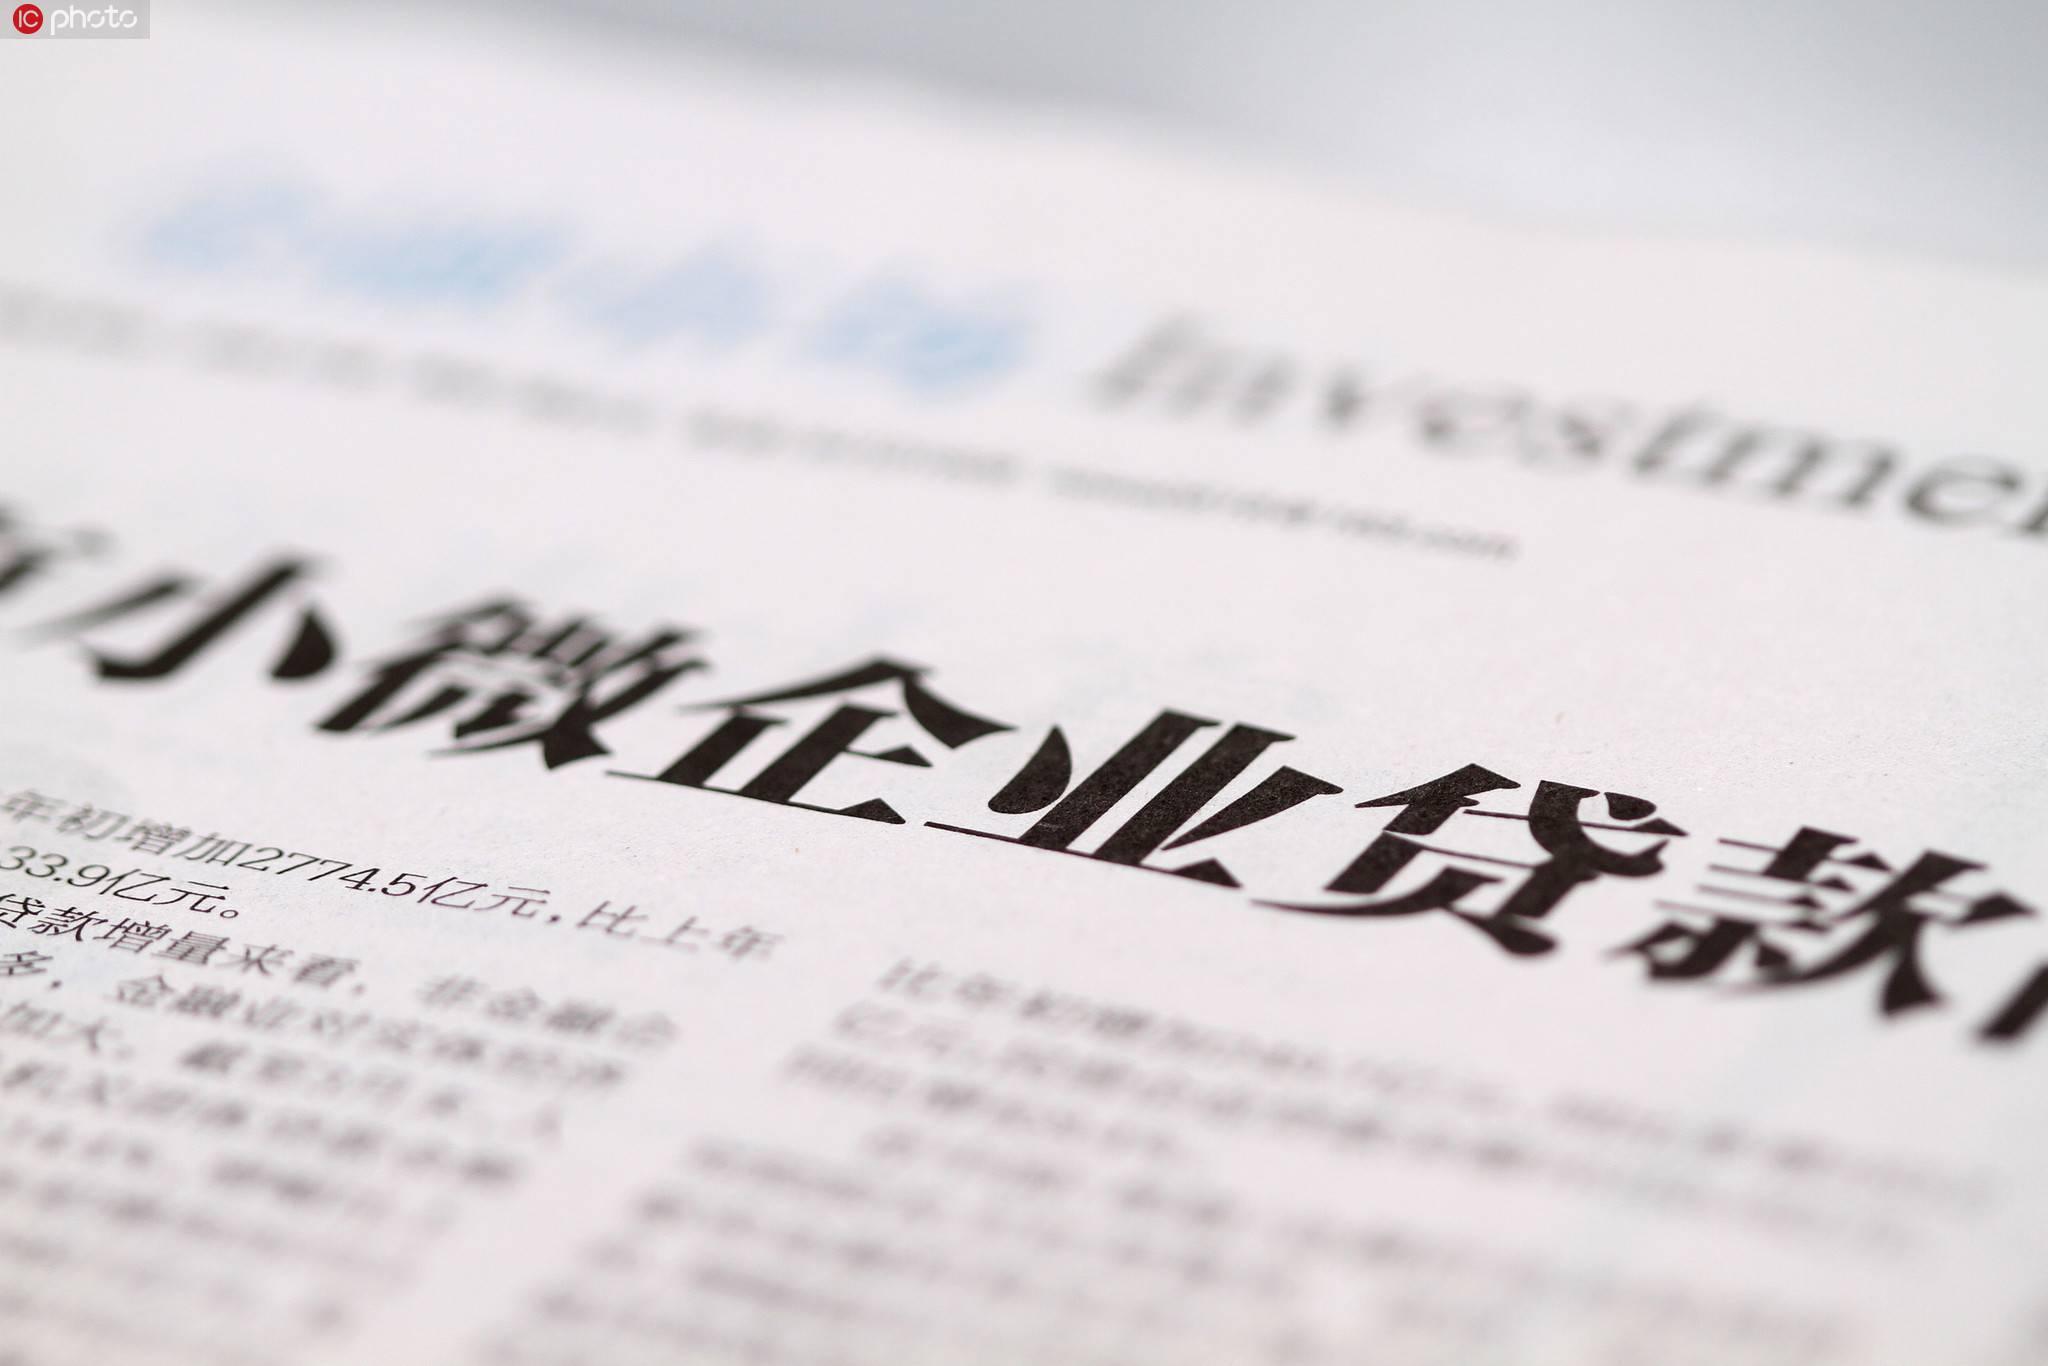 小微企業信貸的五種方法論